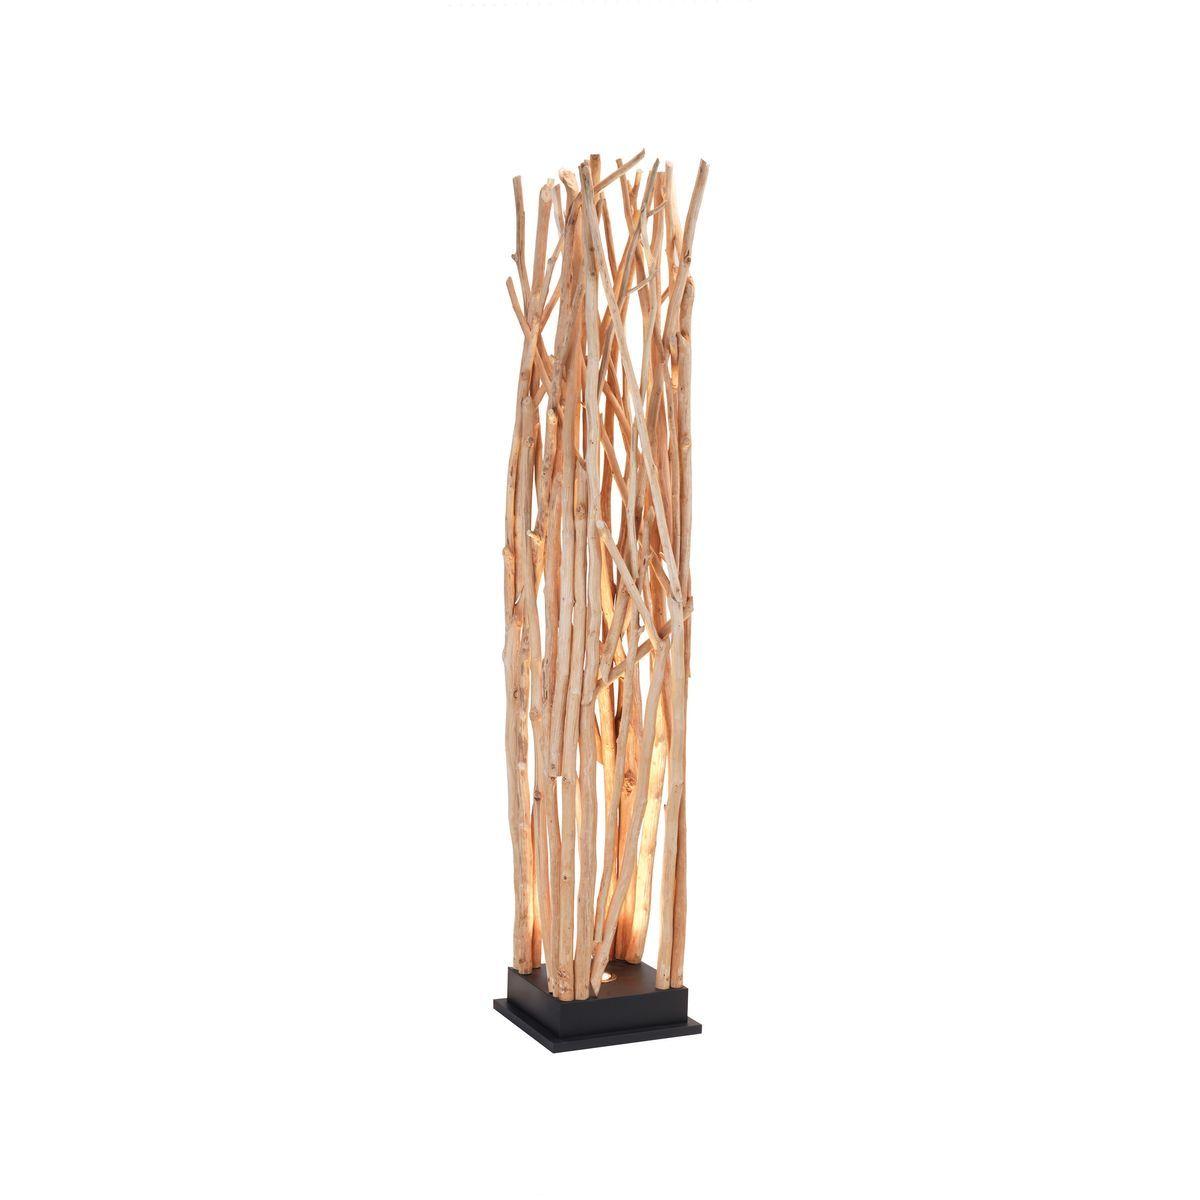 Lampadaire en bois de longan H170